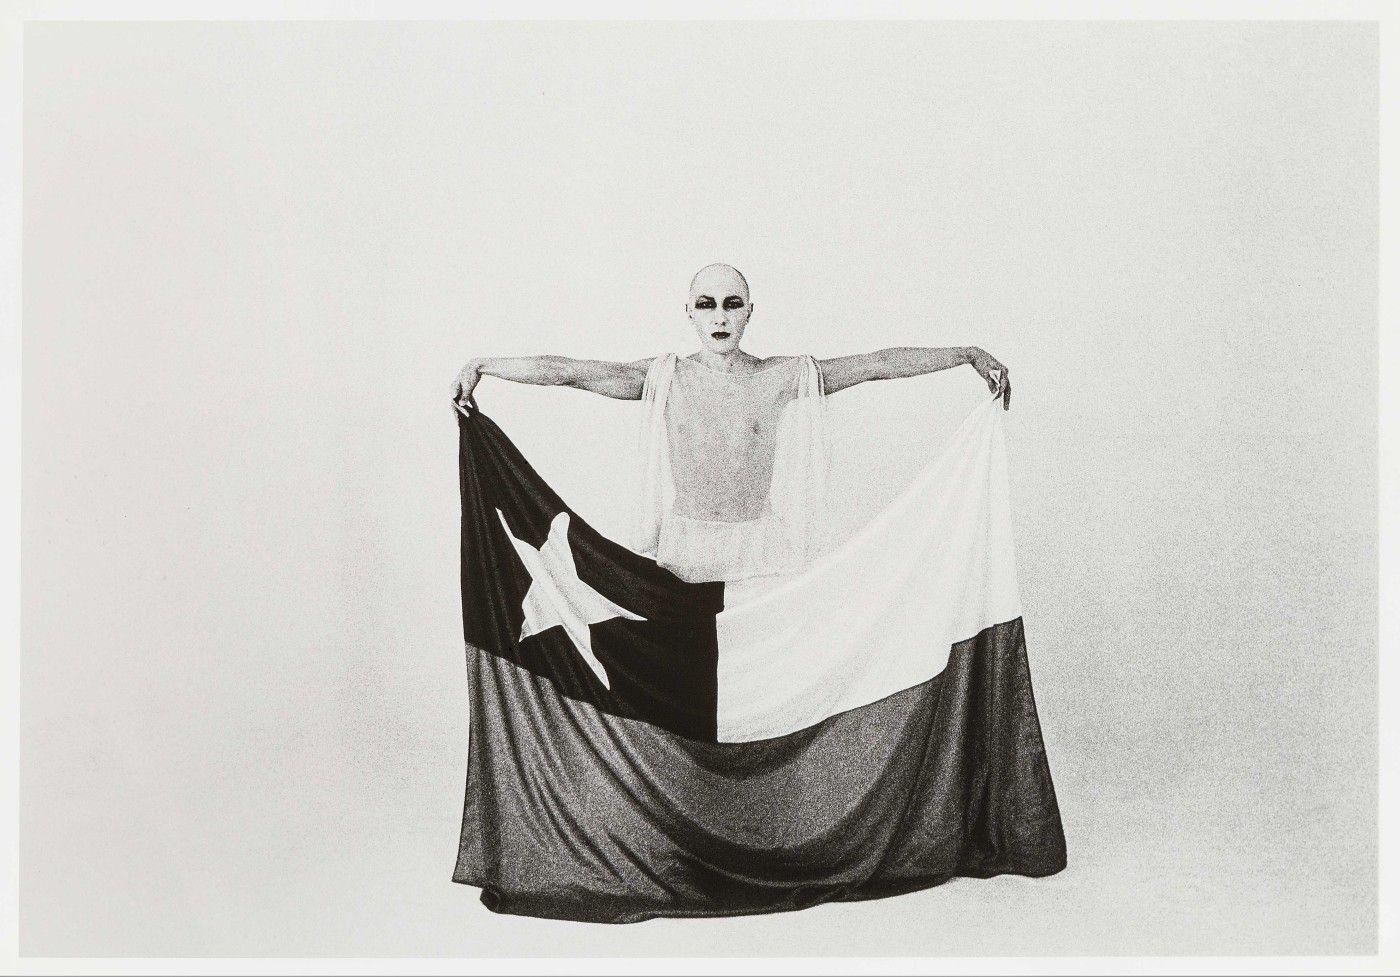 Francisco Copello, El Mimo y La Bandera, 1975, impresión en gelatina de plata, 16 x 22.5 cm. Foto por Giovanna dal Magro. Colección Juan Yarur. Cortesía: Cecilia Brunson Projects, Londres